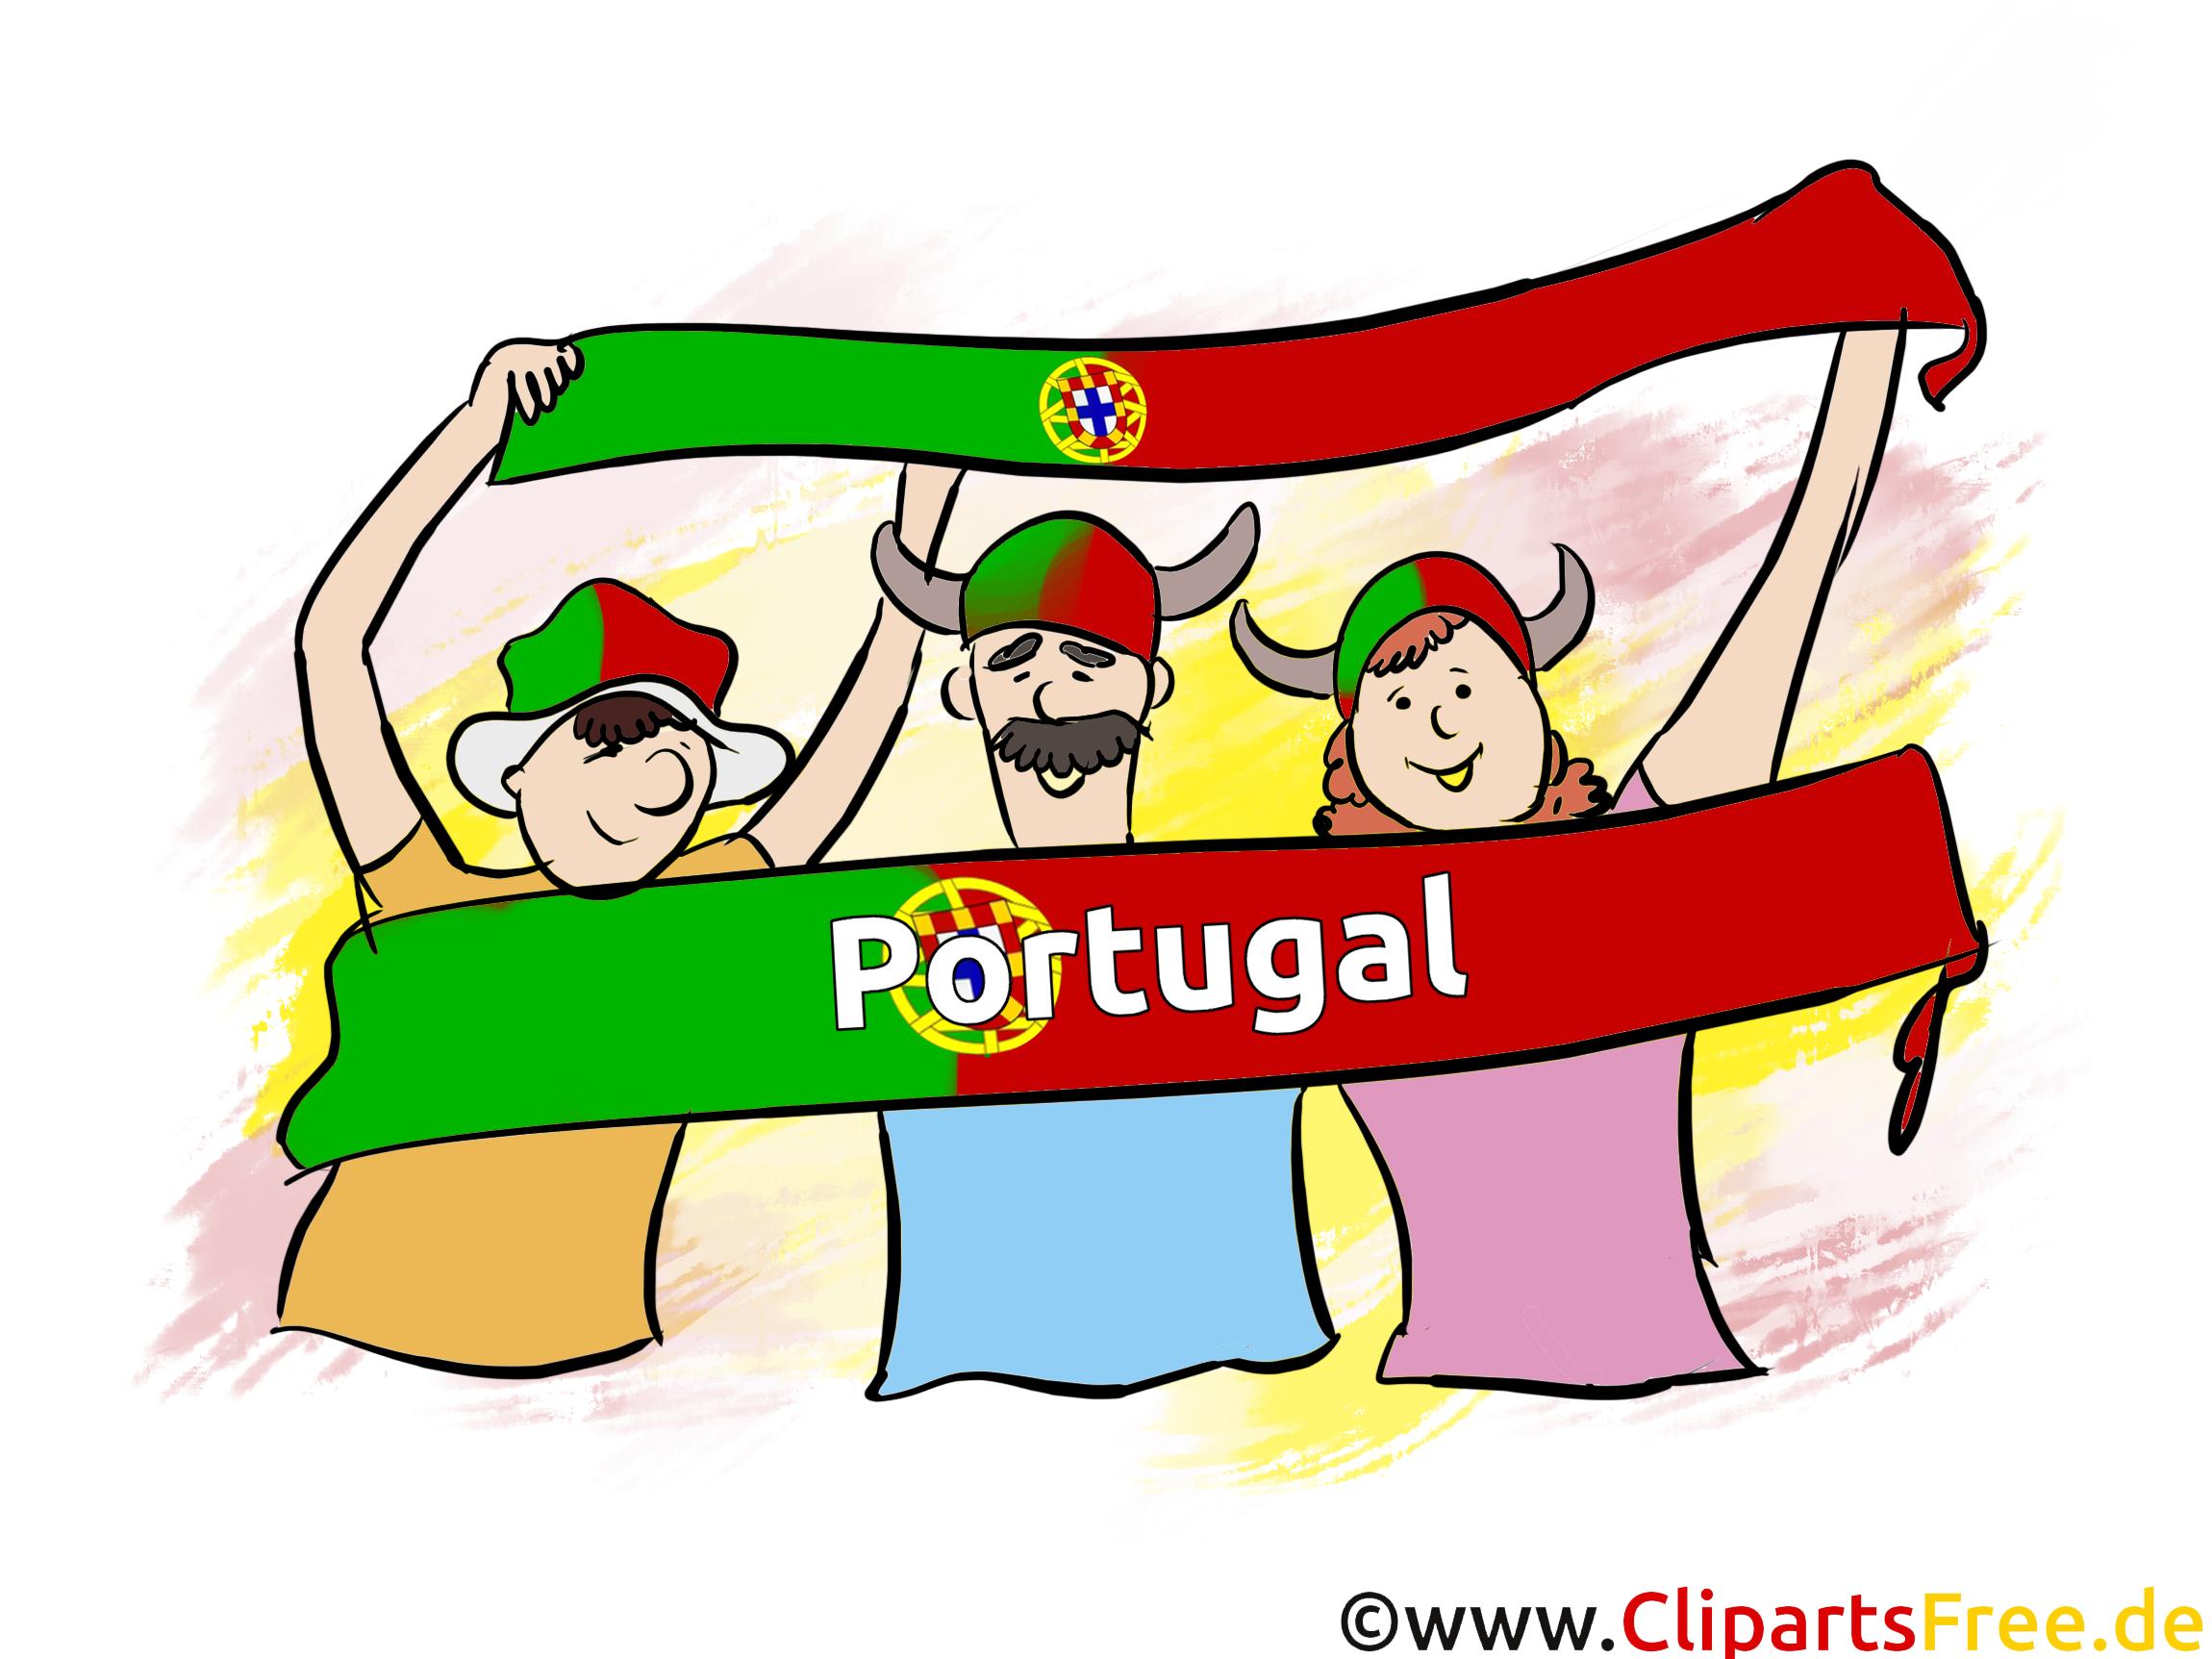 Clipart jeux olympiques gratuit svg free Clipart portugal gratuit - ClipartFest svg free